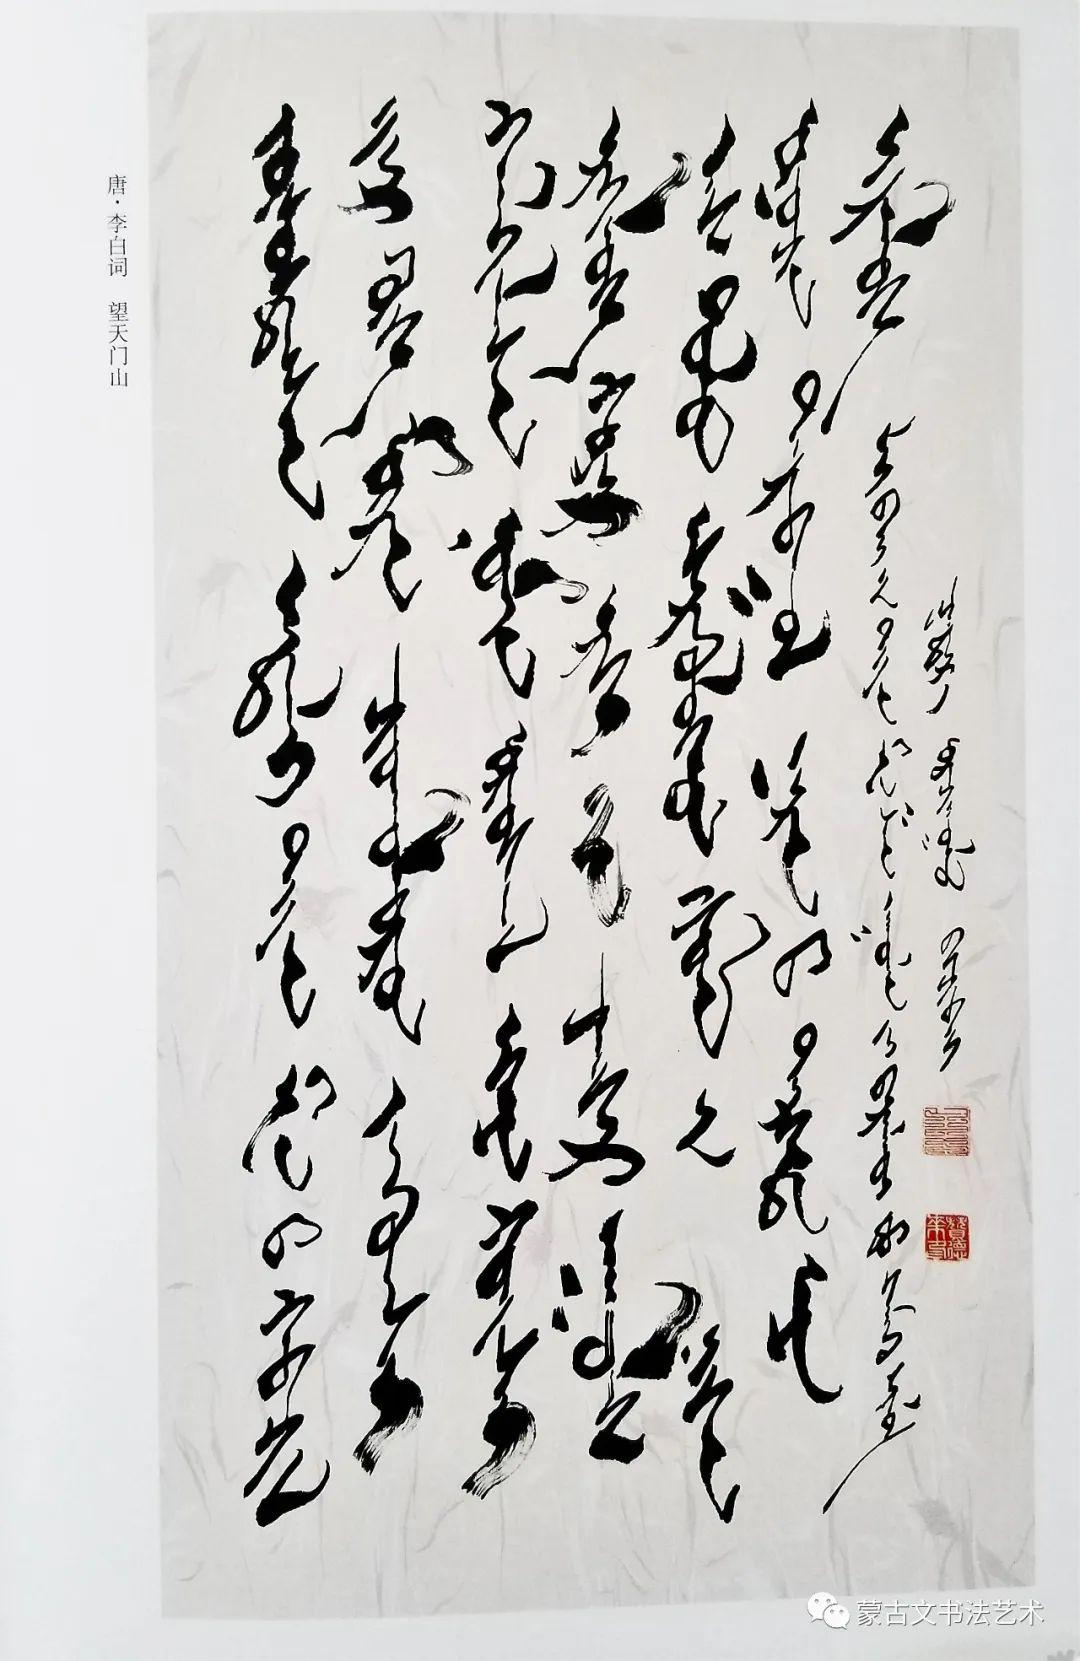 赞得来蒙古文书法集 第11张 赞得来蒙古文书法集 蒙古书法